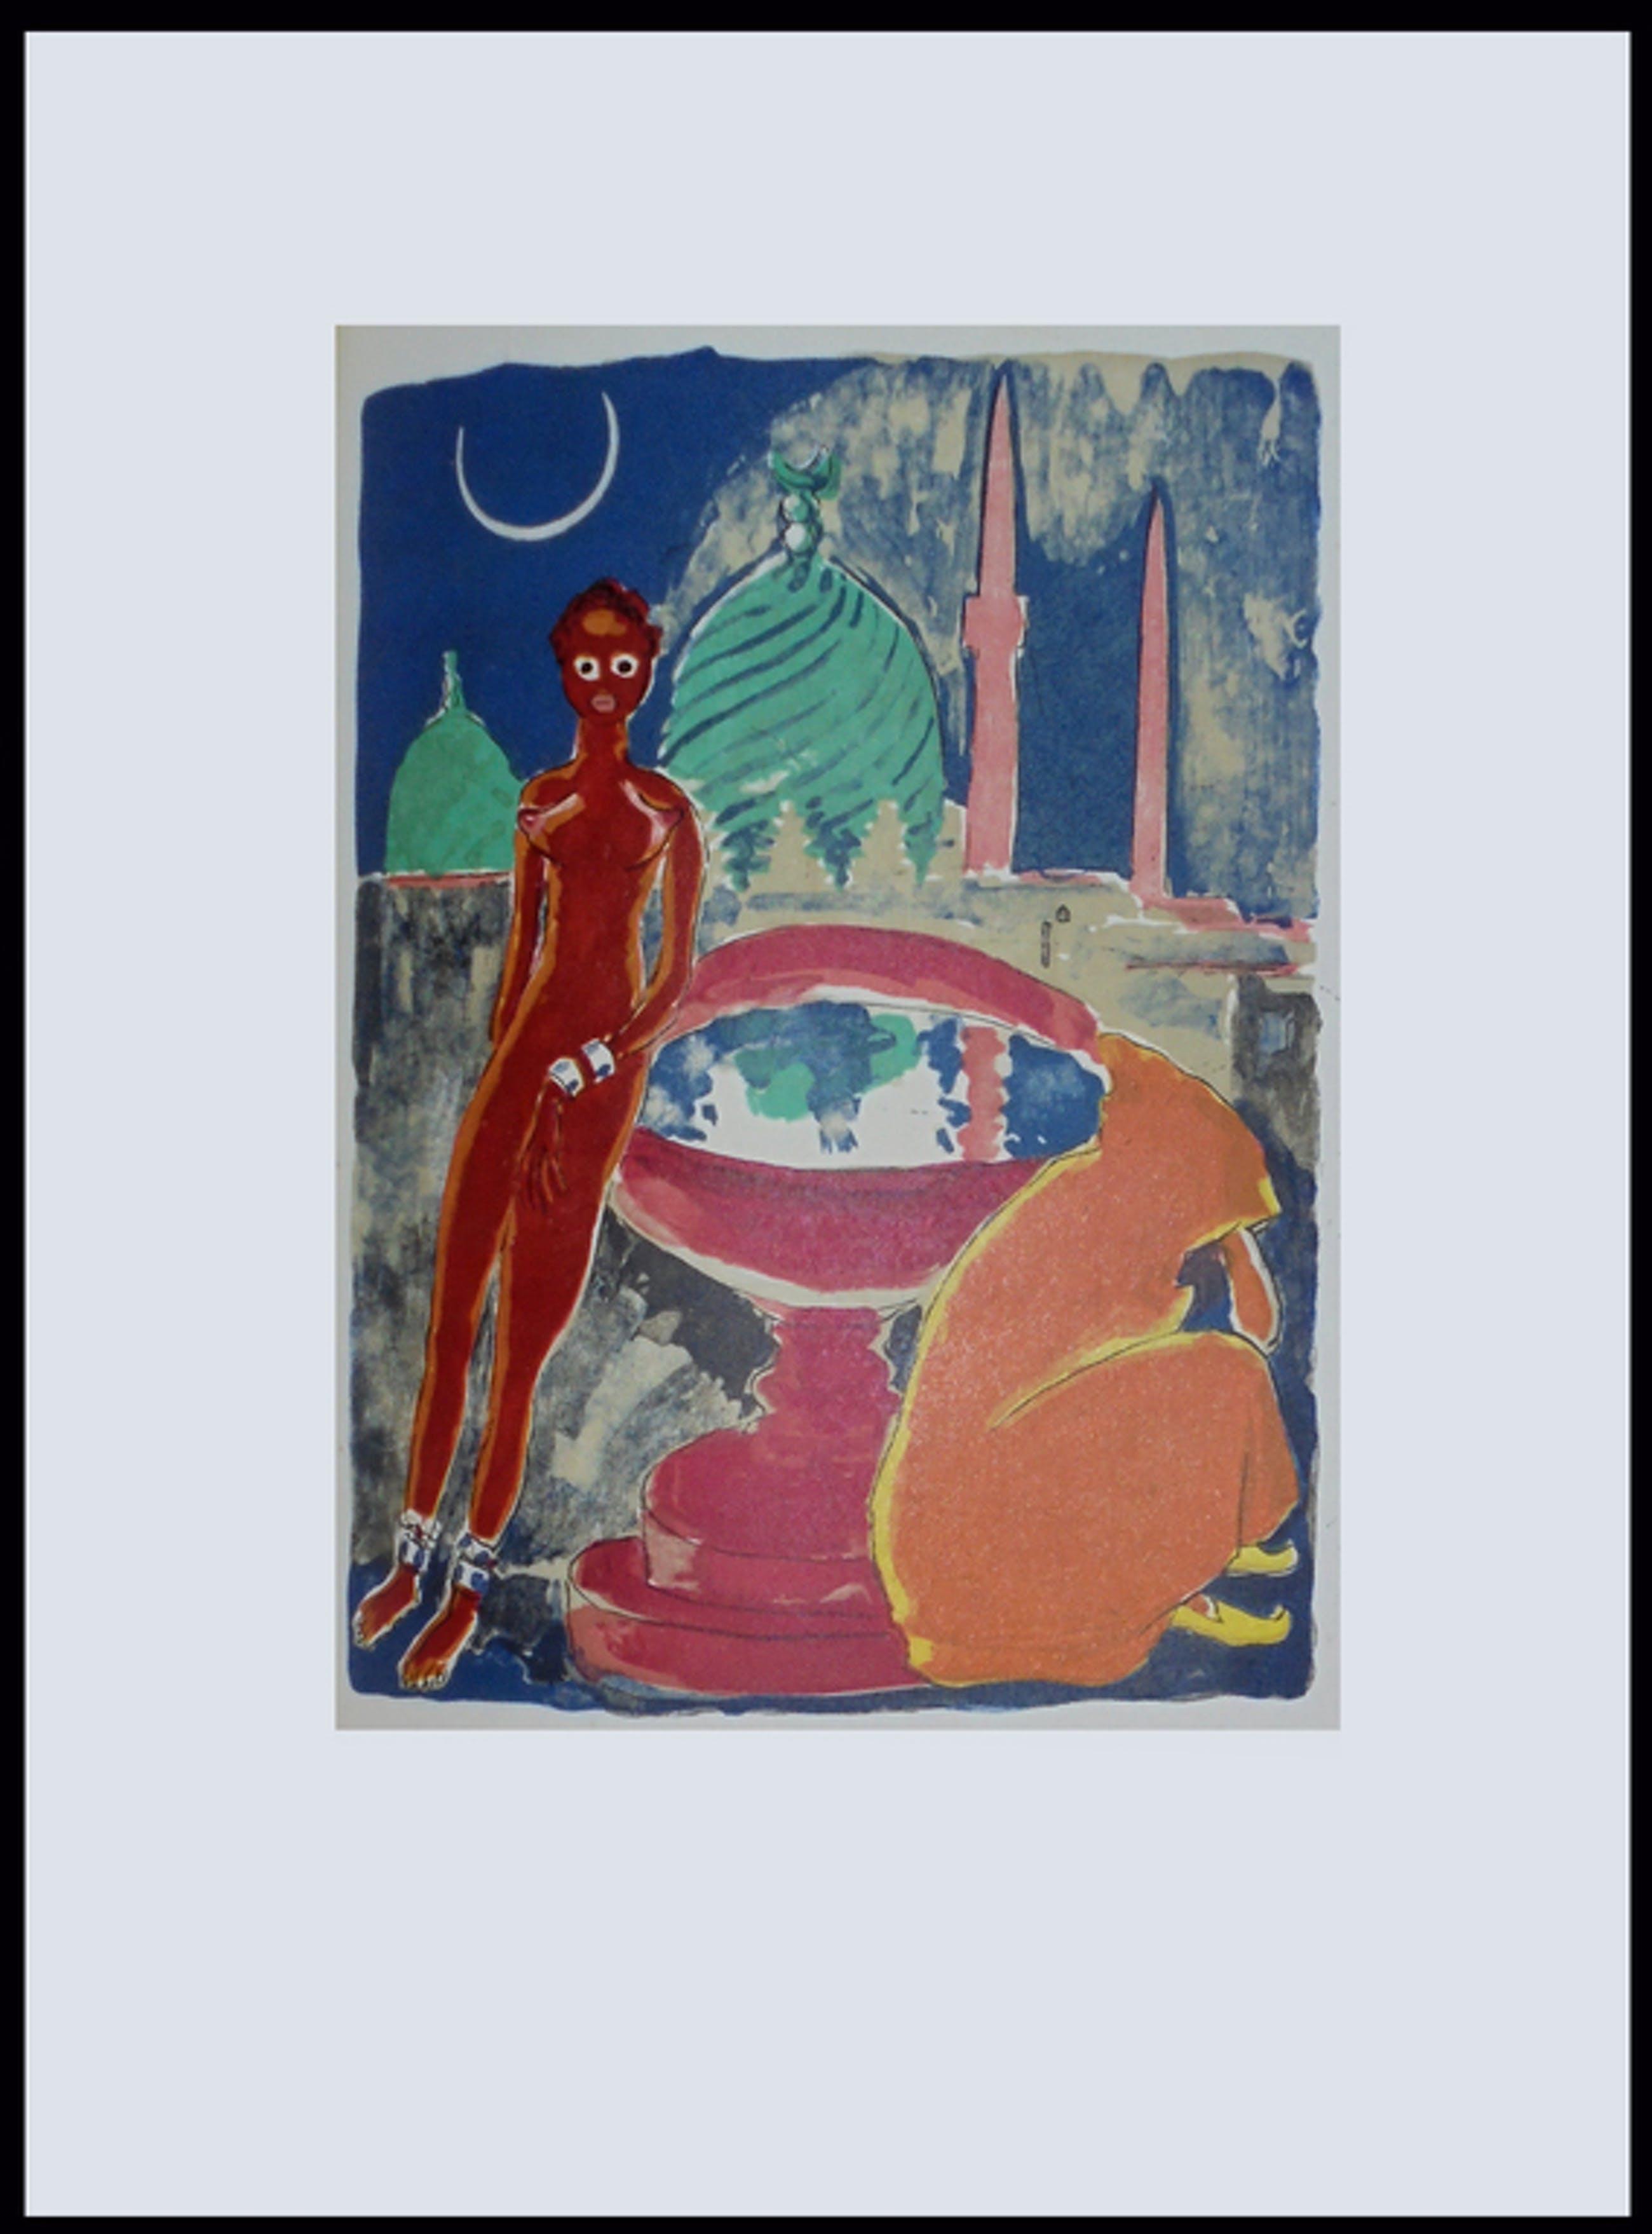 Kees van Dongen - Houtgravure 1955 - Baghdad au clair de lune kopen? Bied vanaf 25!